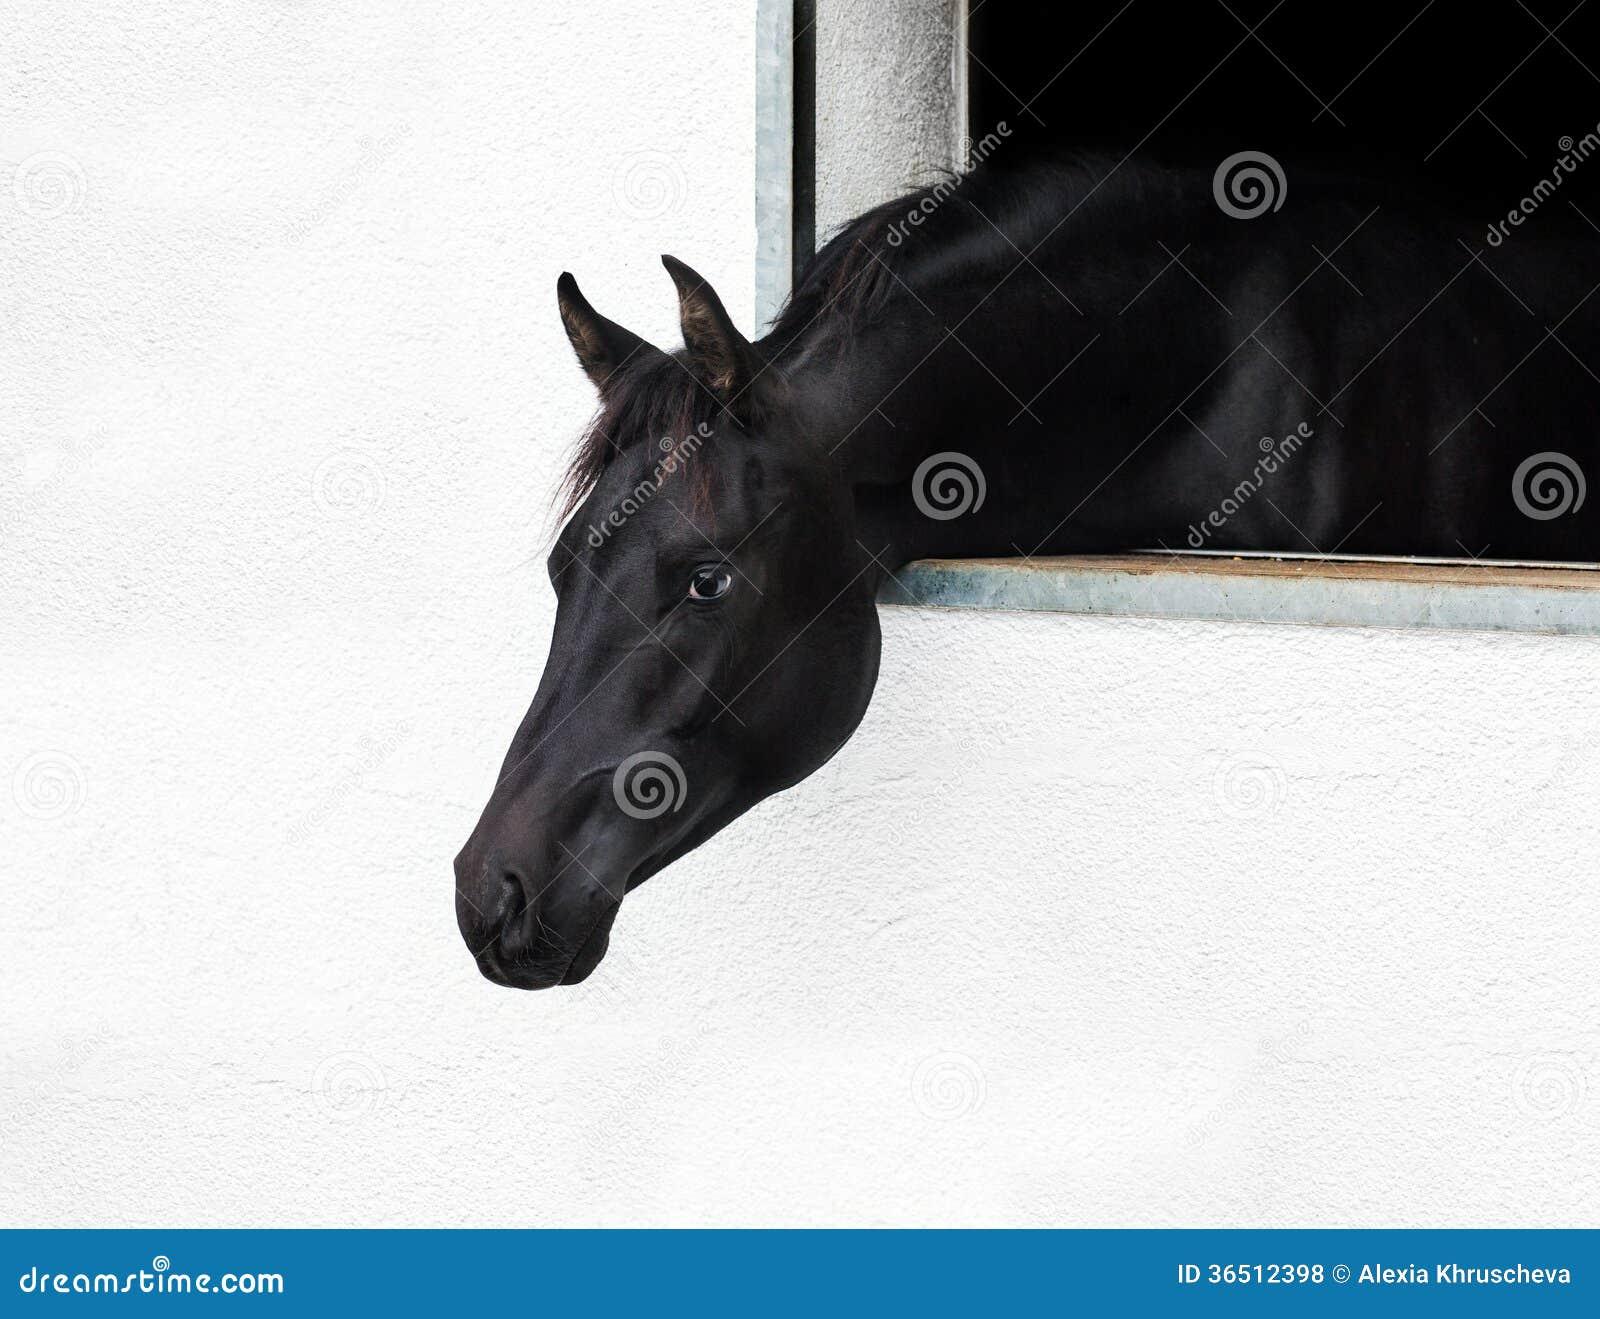 Tête de cheval regardant la fenêtre.